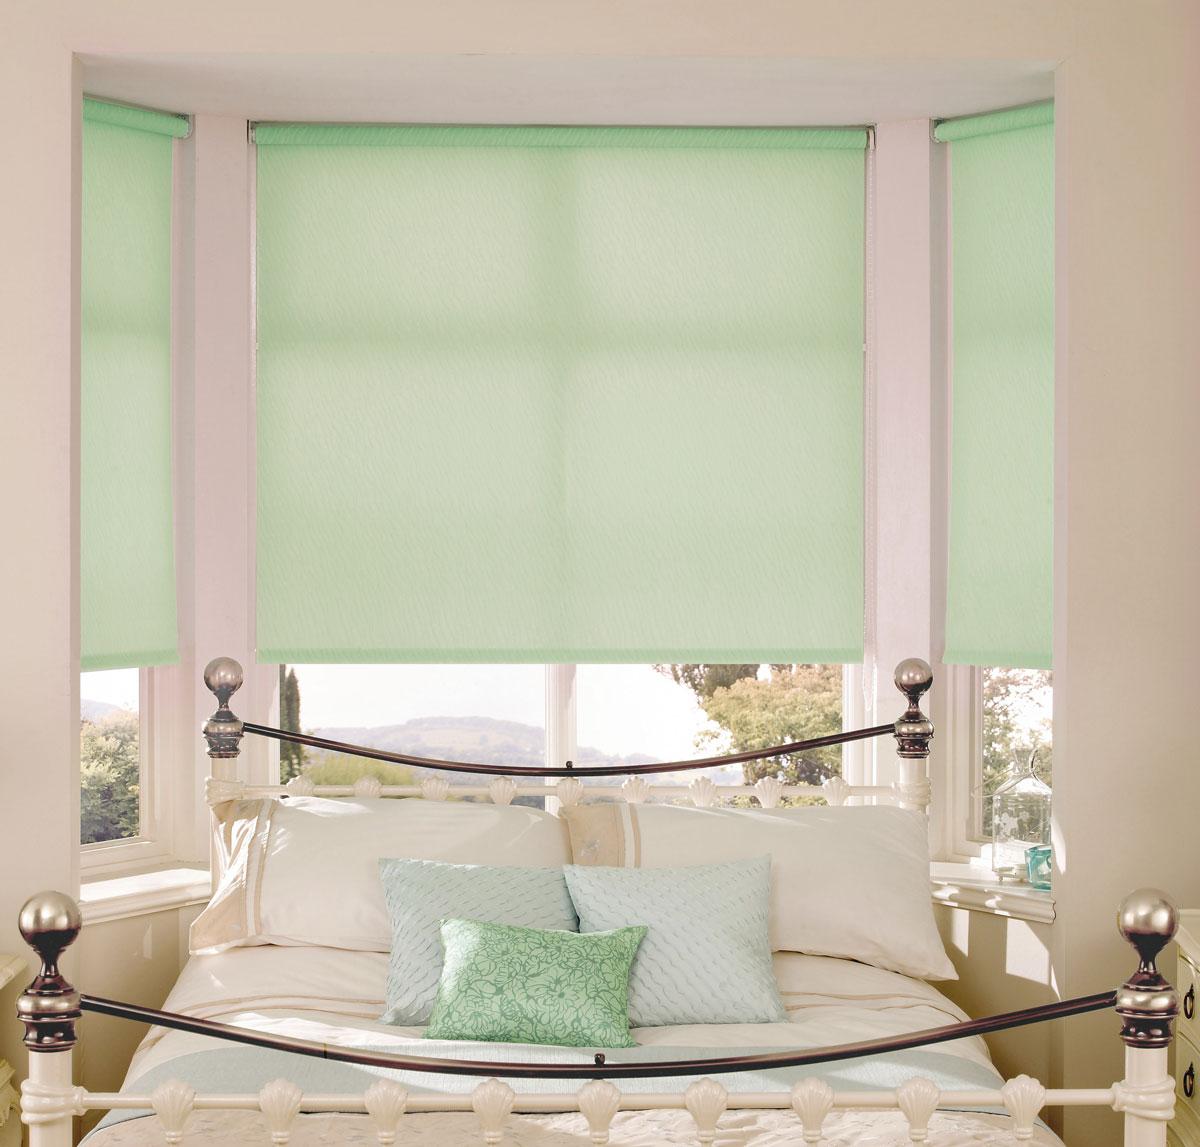 Штора рулонная KauffOrt Миниролло, цвет: светло-зеленый, ширина 115 см, высота 170 см